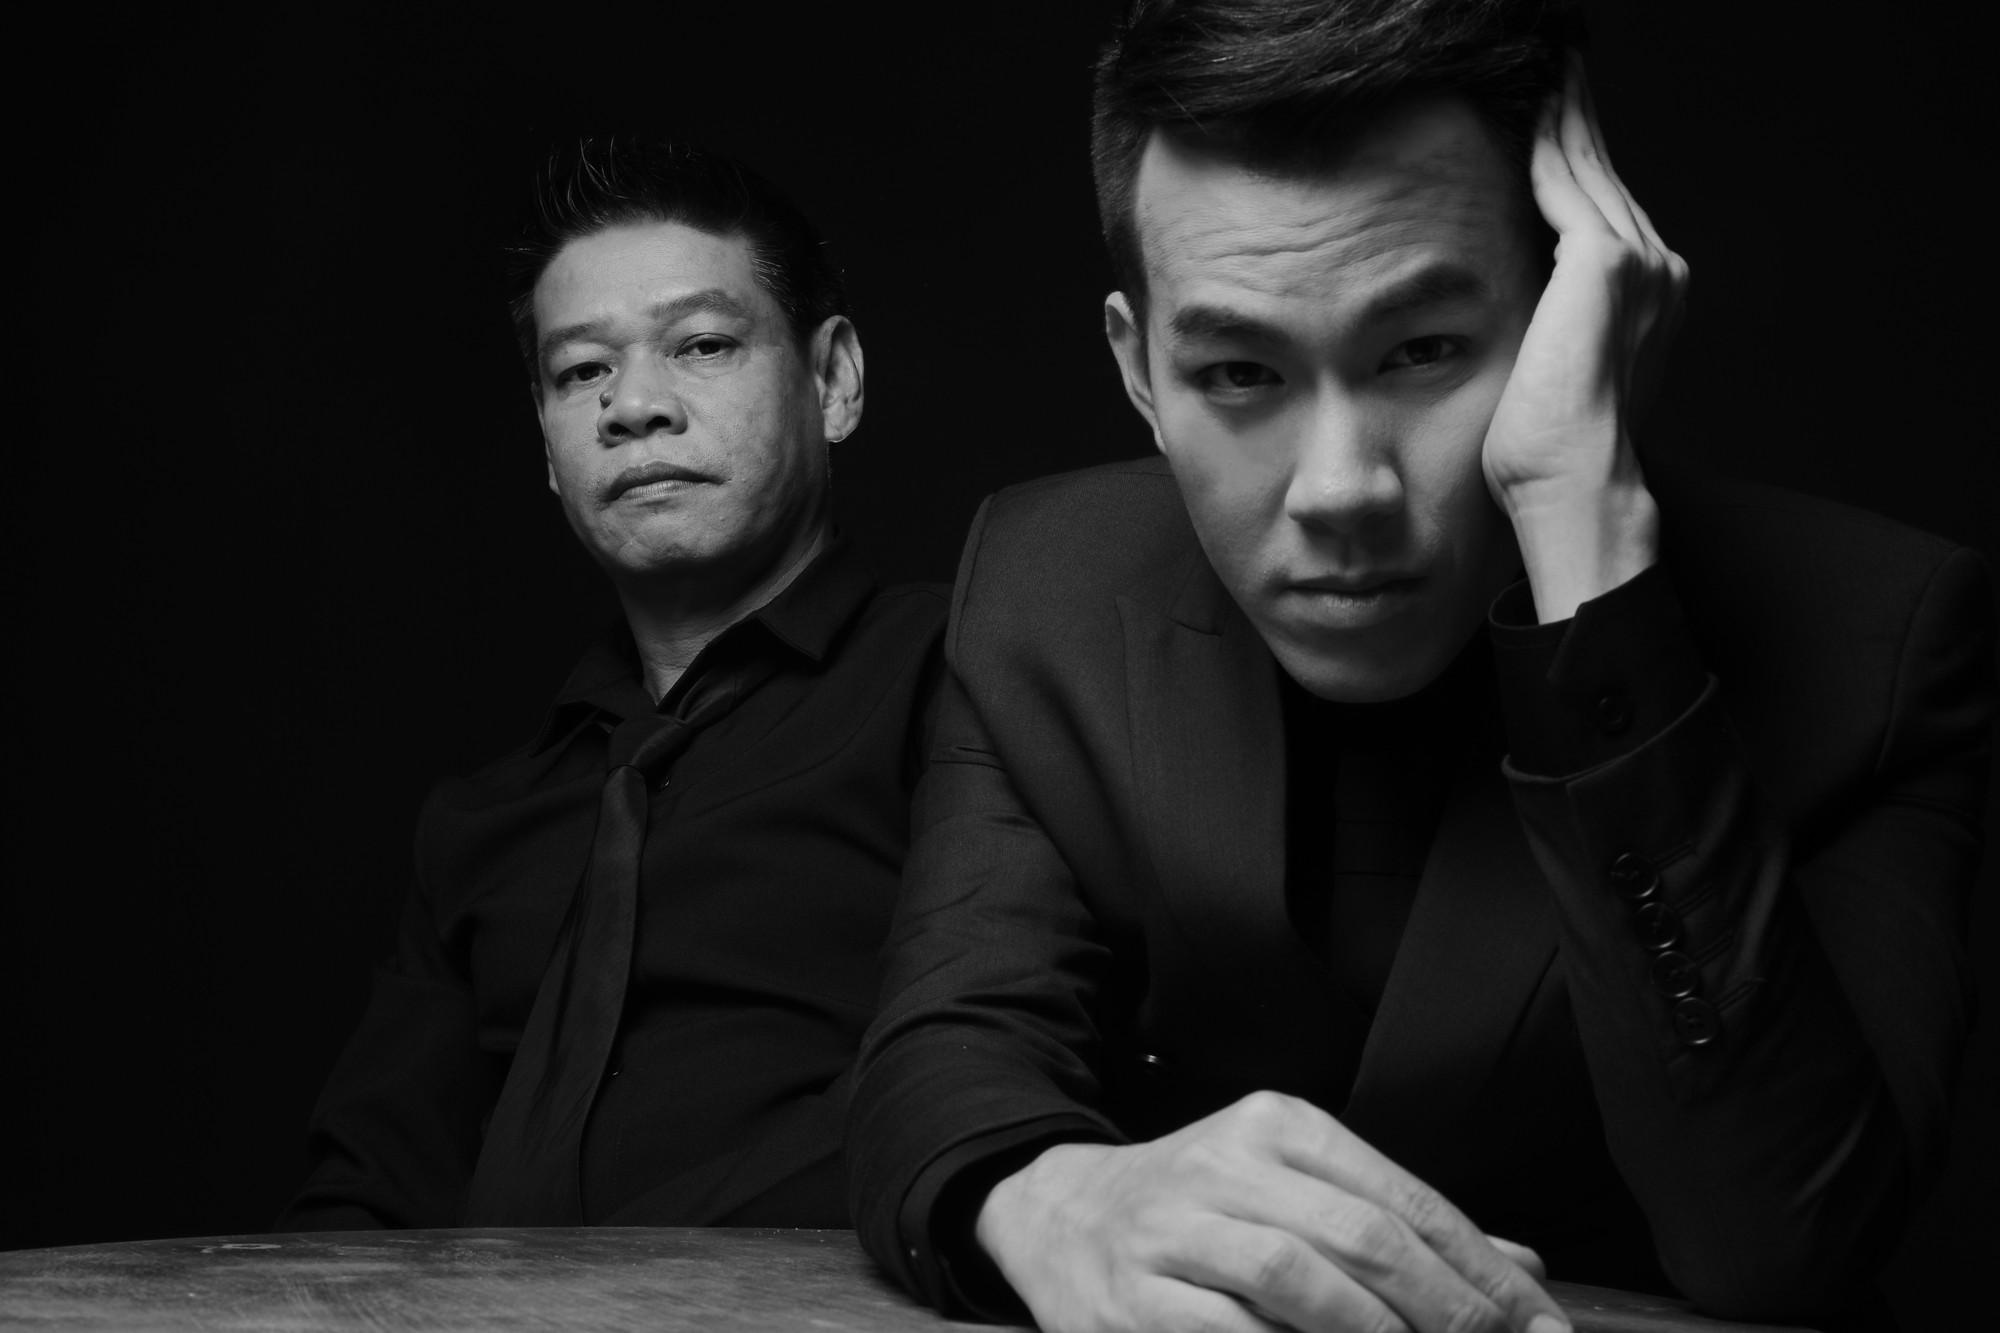 Hồ Trung Dũng không áp lực khi làm mới hit huyền thoại của Mỹ Tâm, Phương Thanh trong album mới - Ảnh 4.